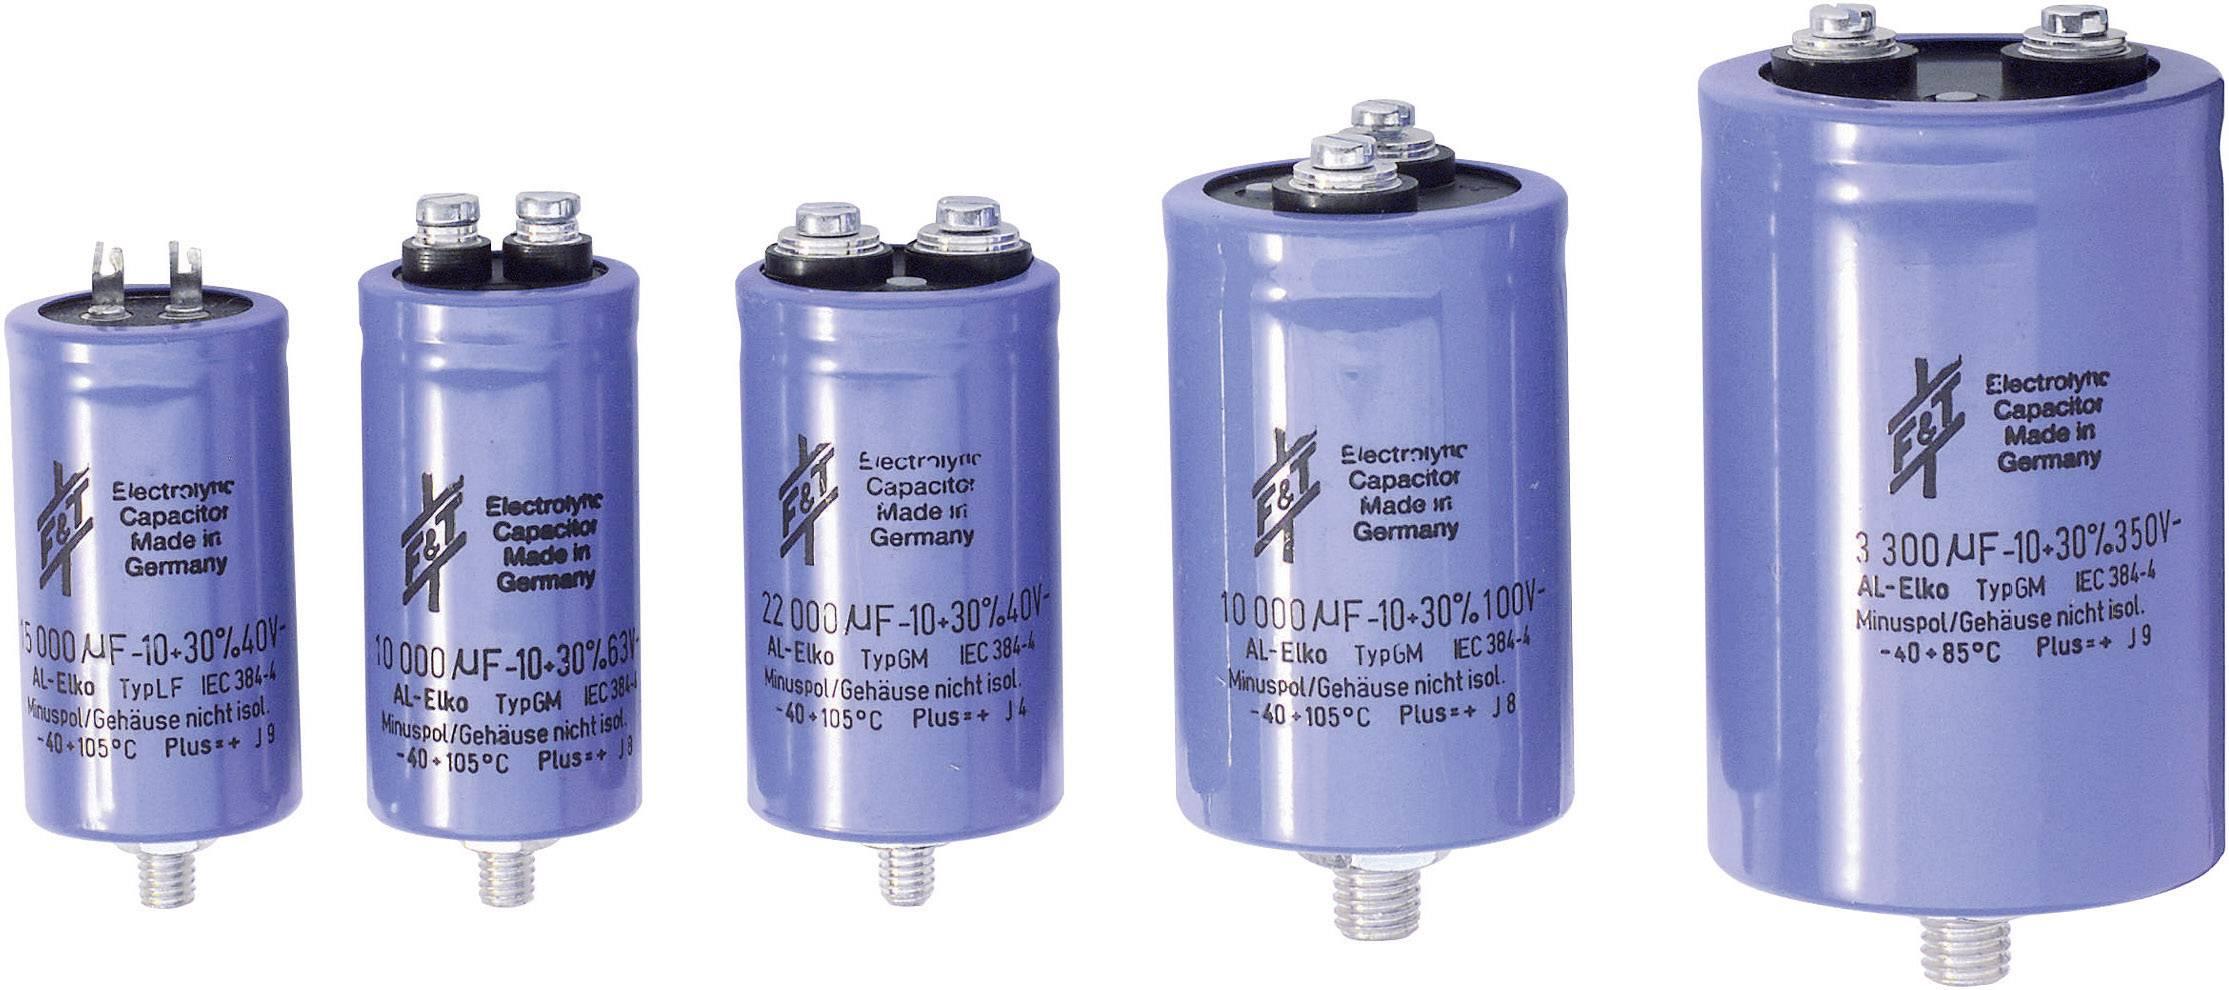 Elektrolytický kondenzátor FTCAP GMB10304035054, skrutkový kontaktný prvok, 10000 µF, 40 V, 20 %, 1 ks